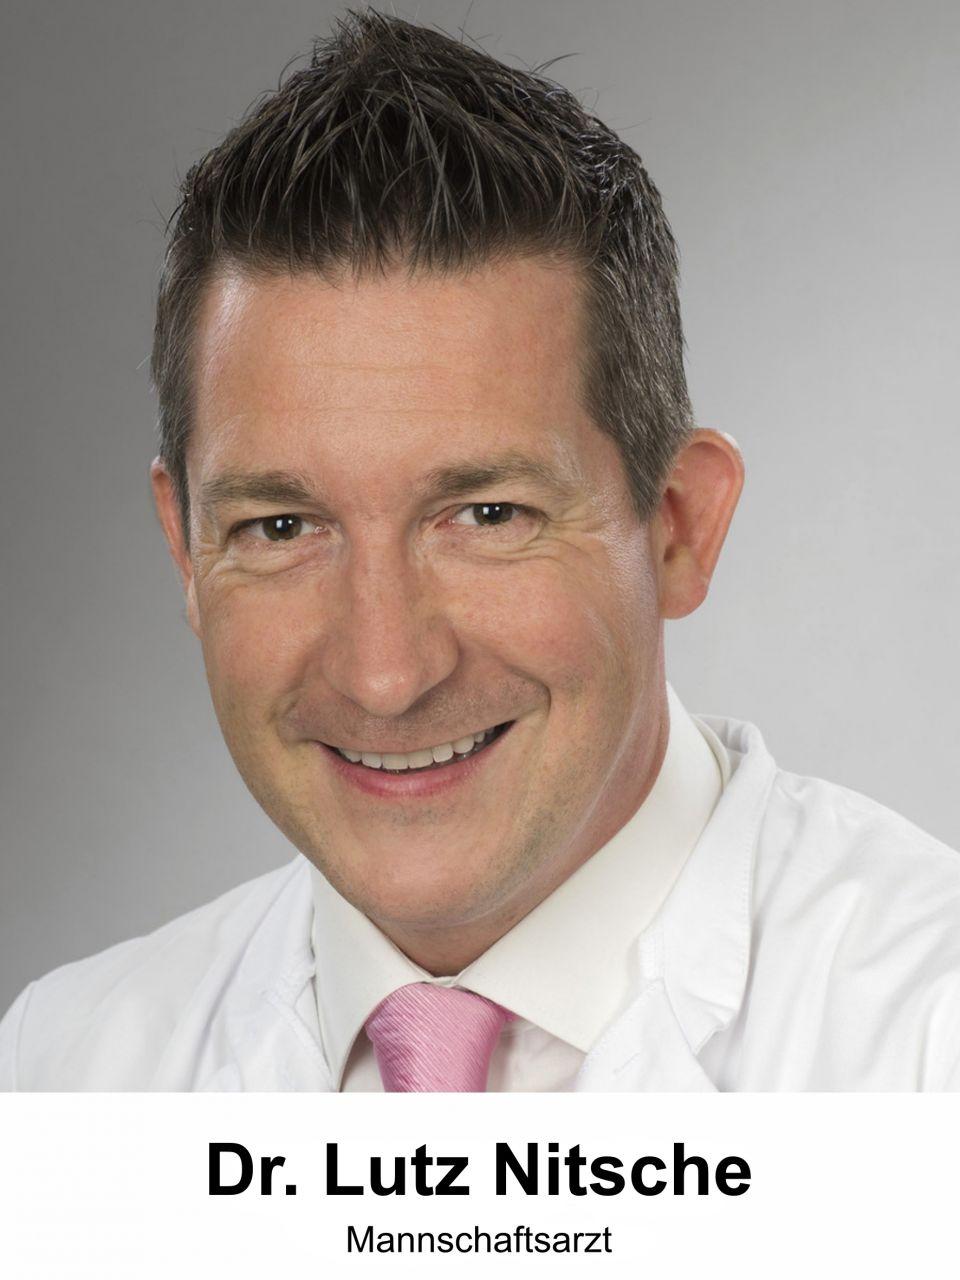 Dr. Nitsche, Chirurgie Eschborn, Götzenstraße 47-55, 65760 Eschborn/Taunus, Telefon: 06196 7736991